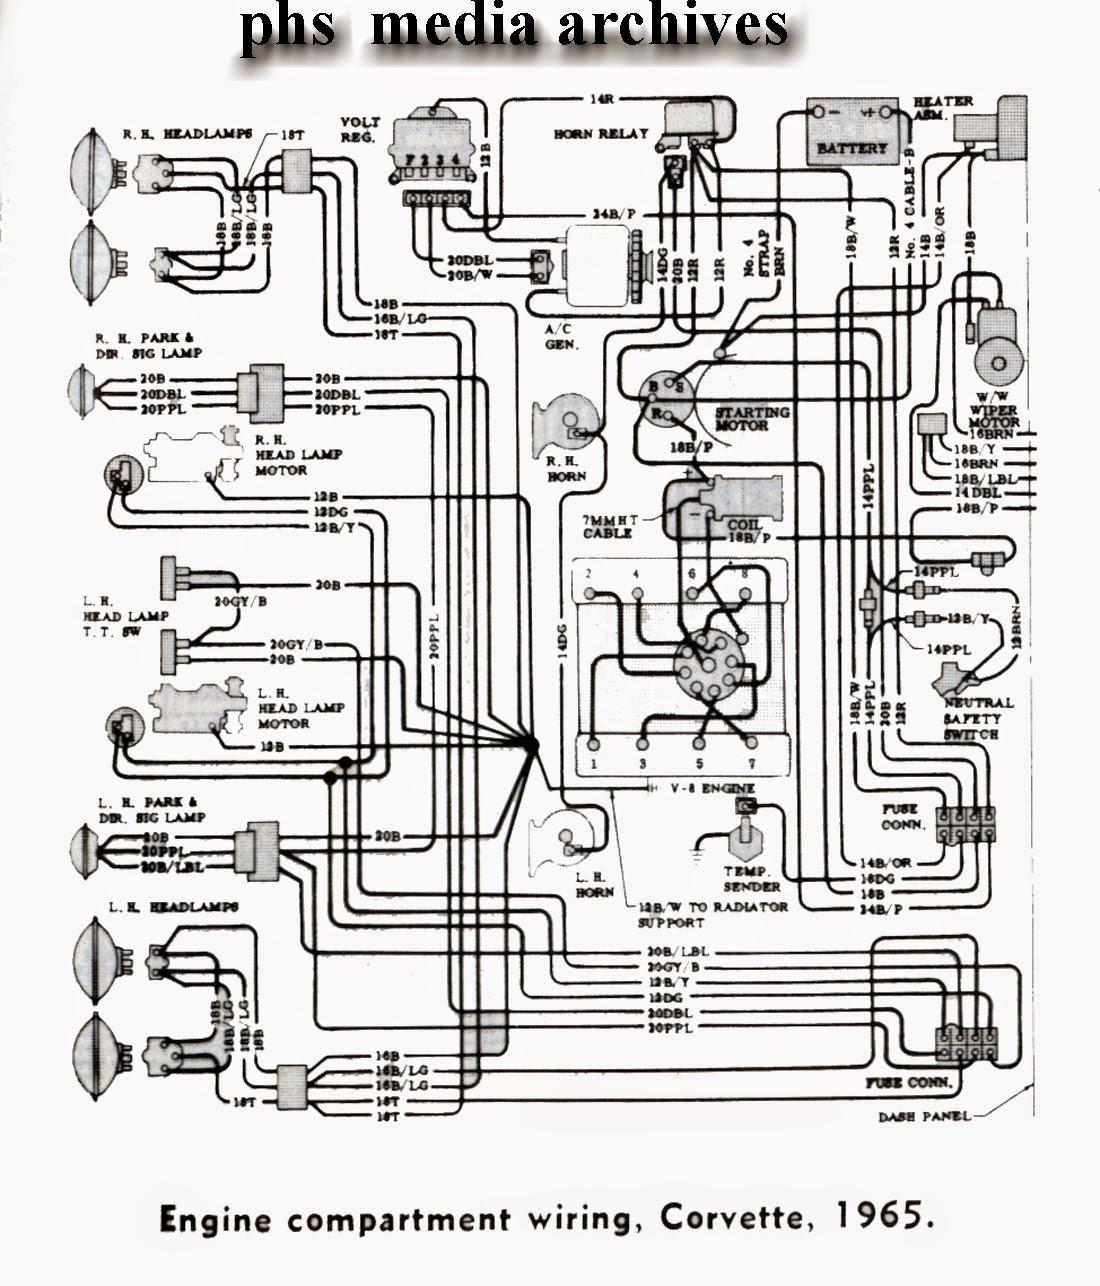 81 chevy camaro wiring diagram detailed wiring diagrams 1979 chevy  alternator wiring diagram 1979 chevy camaro wiring diagram